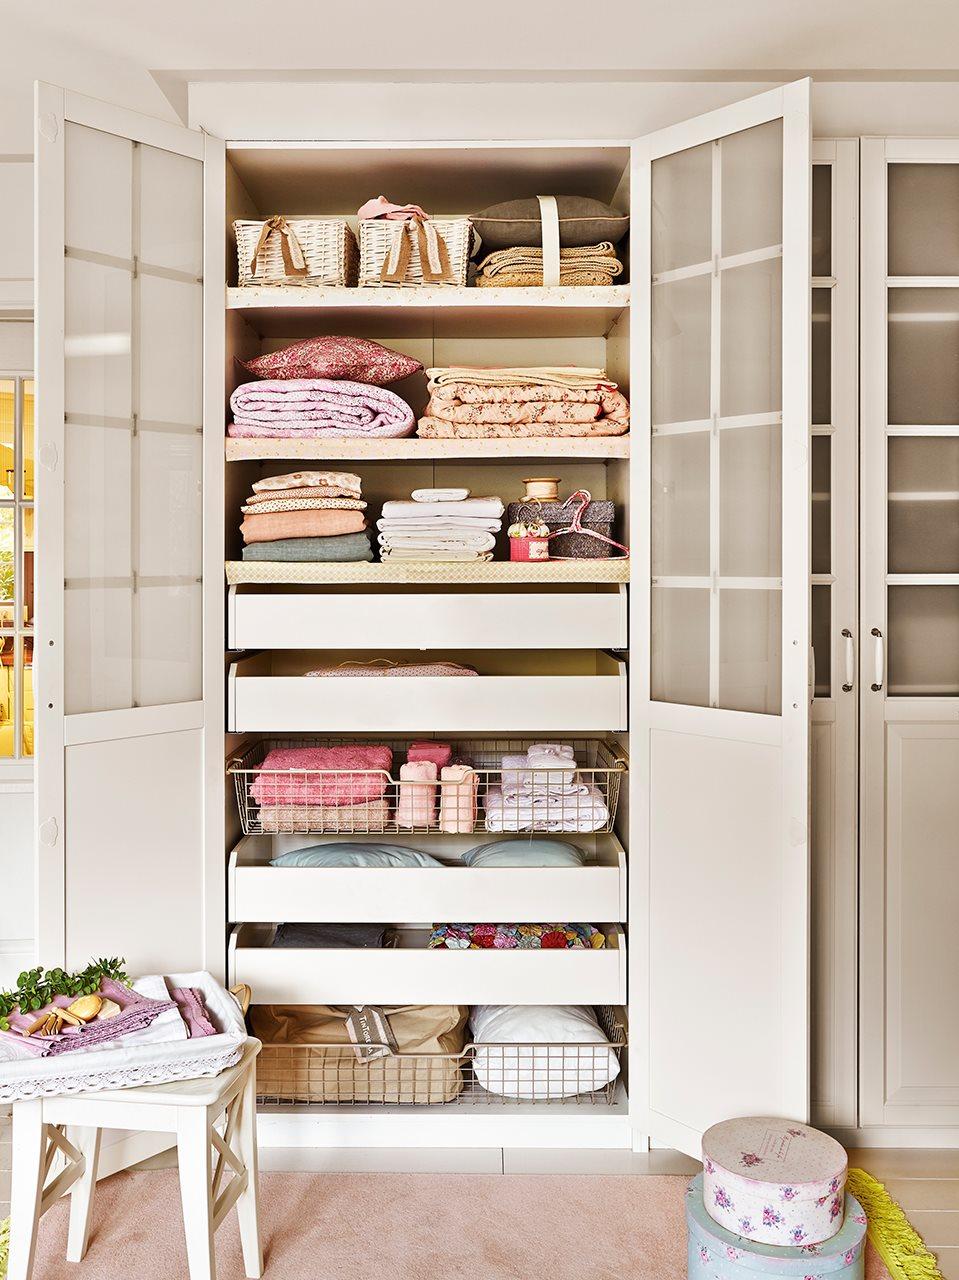 armarios para guardar la ropa sucia